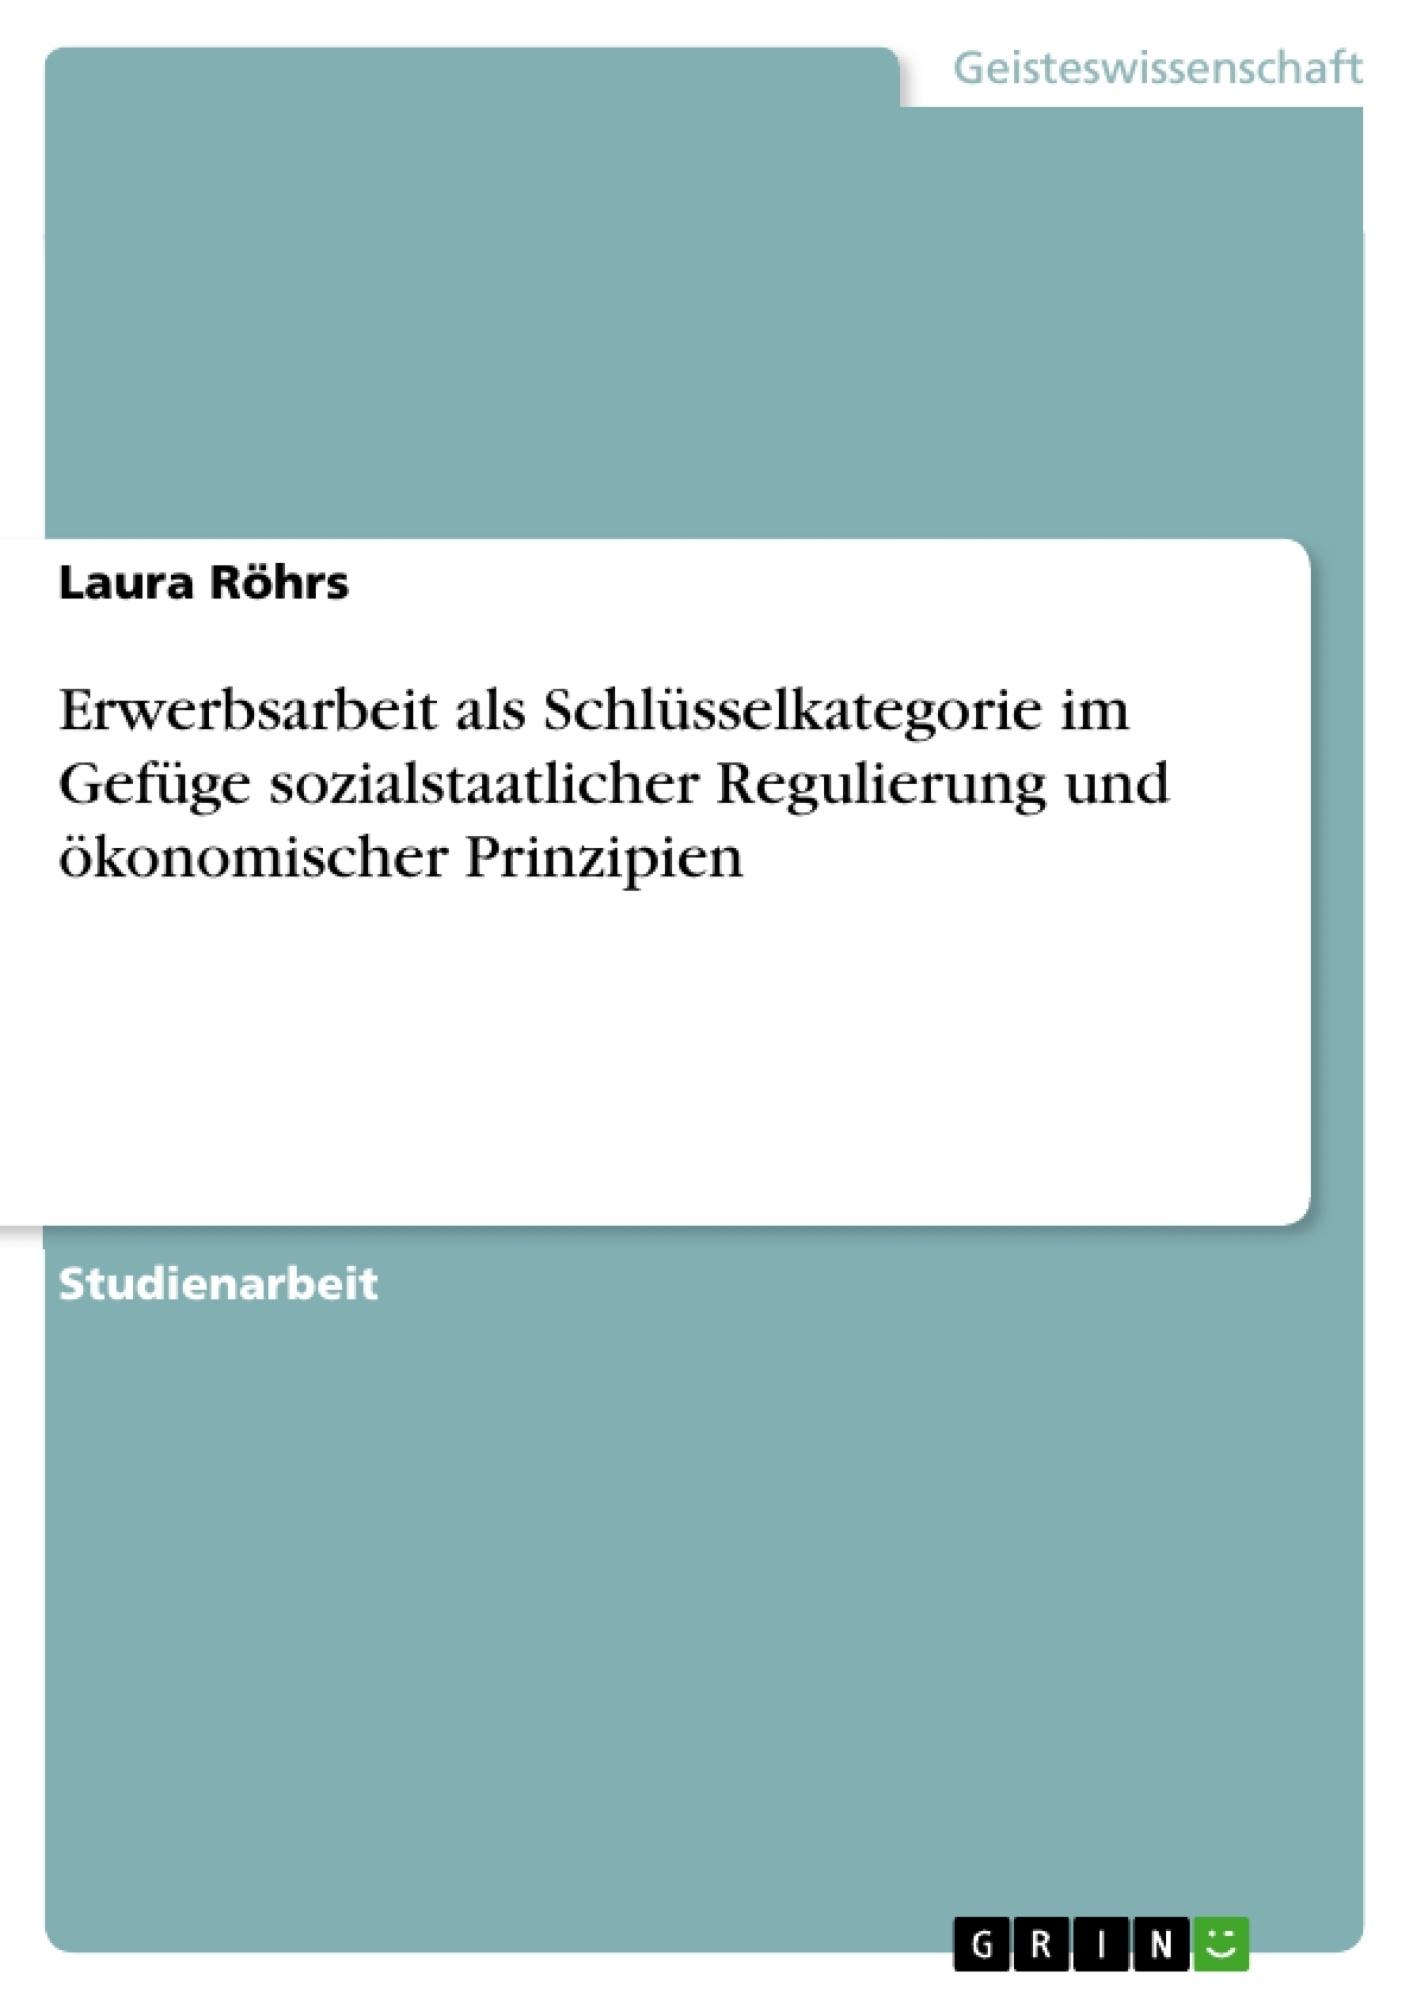 Titel: Erwerbsarbeit als Schlüsselkategorie im Gefüge sozialstaatlicher Regulierung und ökonomischer Prinzipien